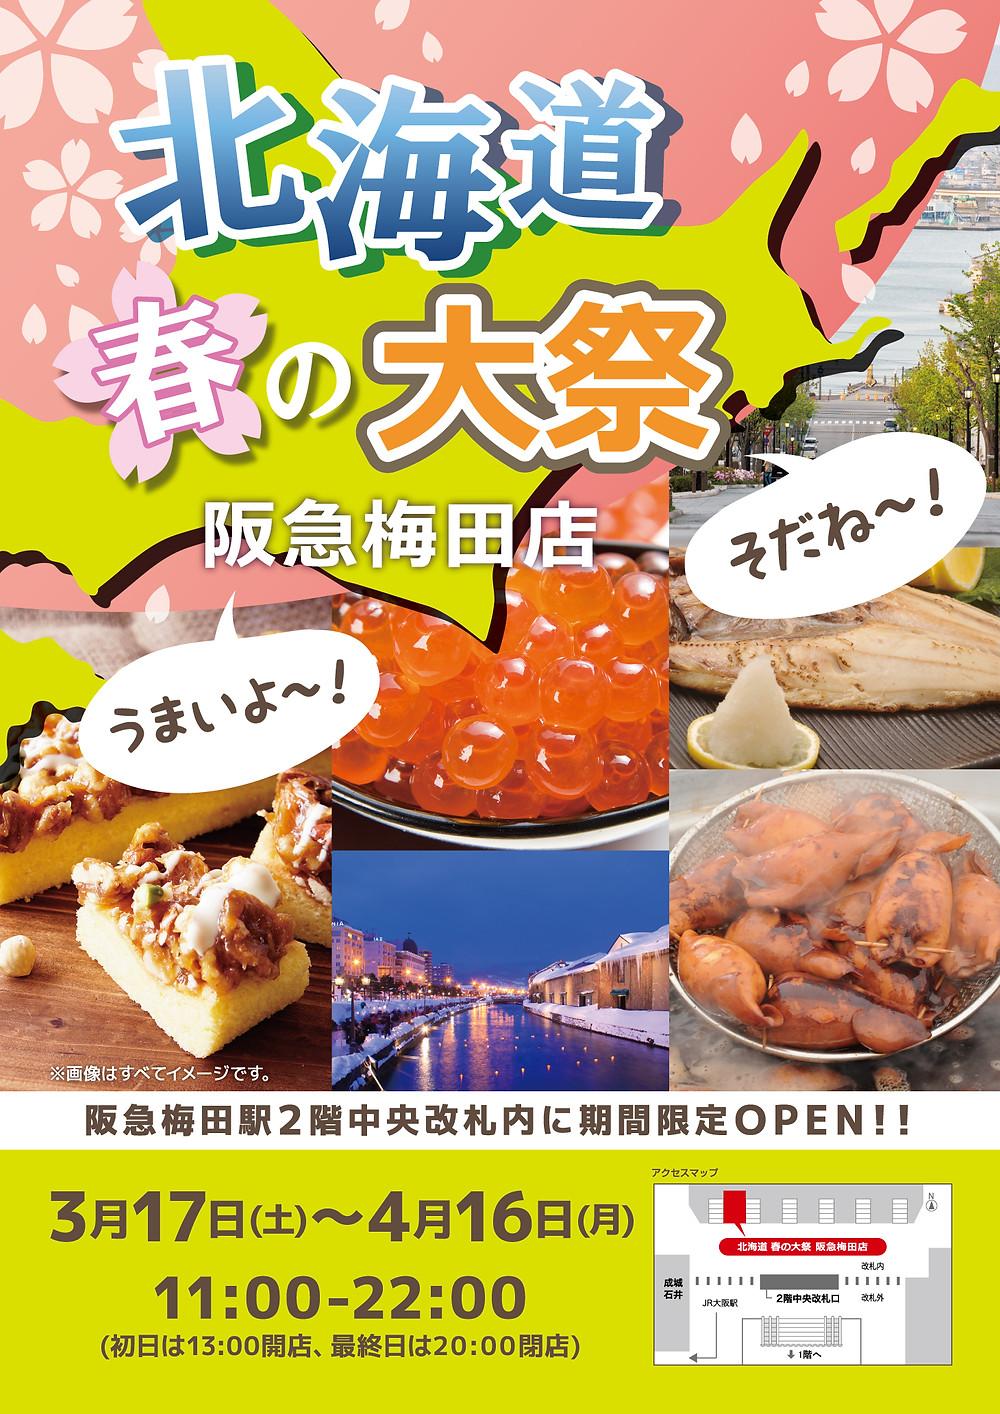 北海道 春の大祭 阪急梅田店